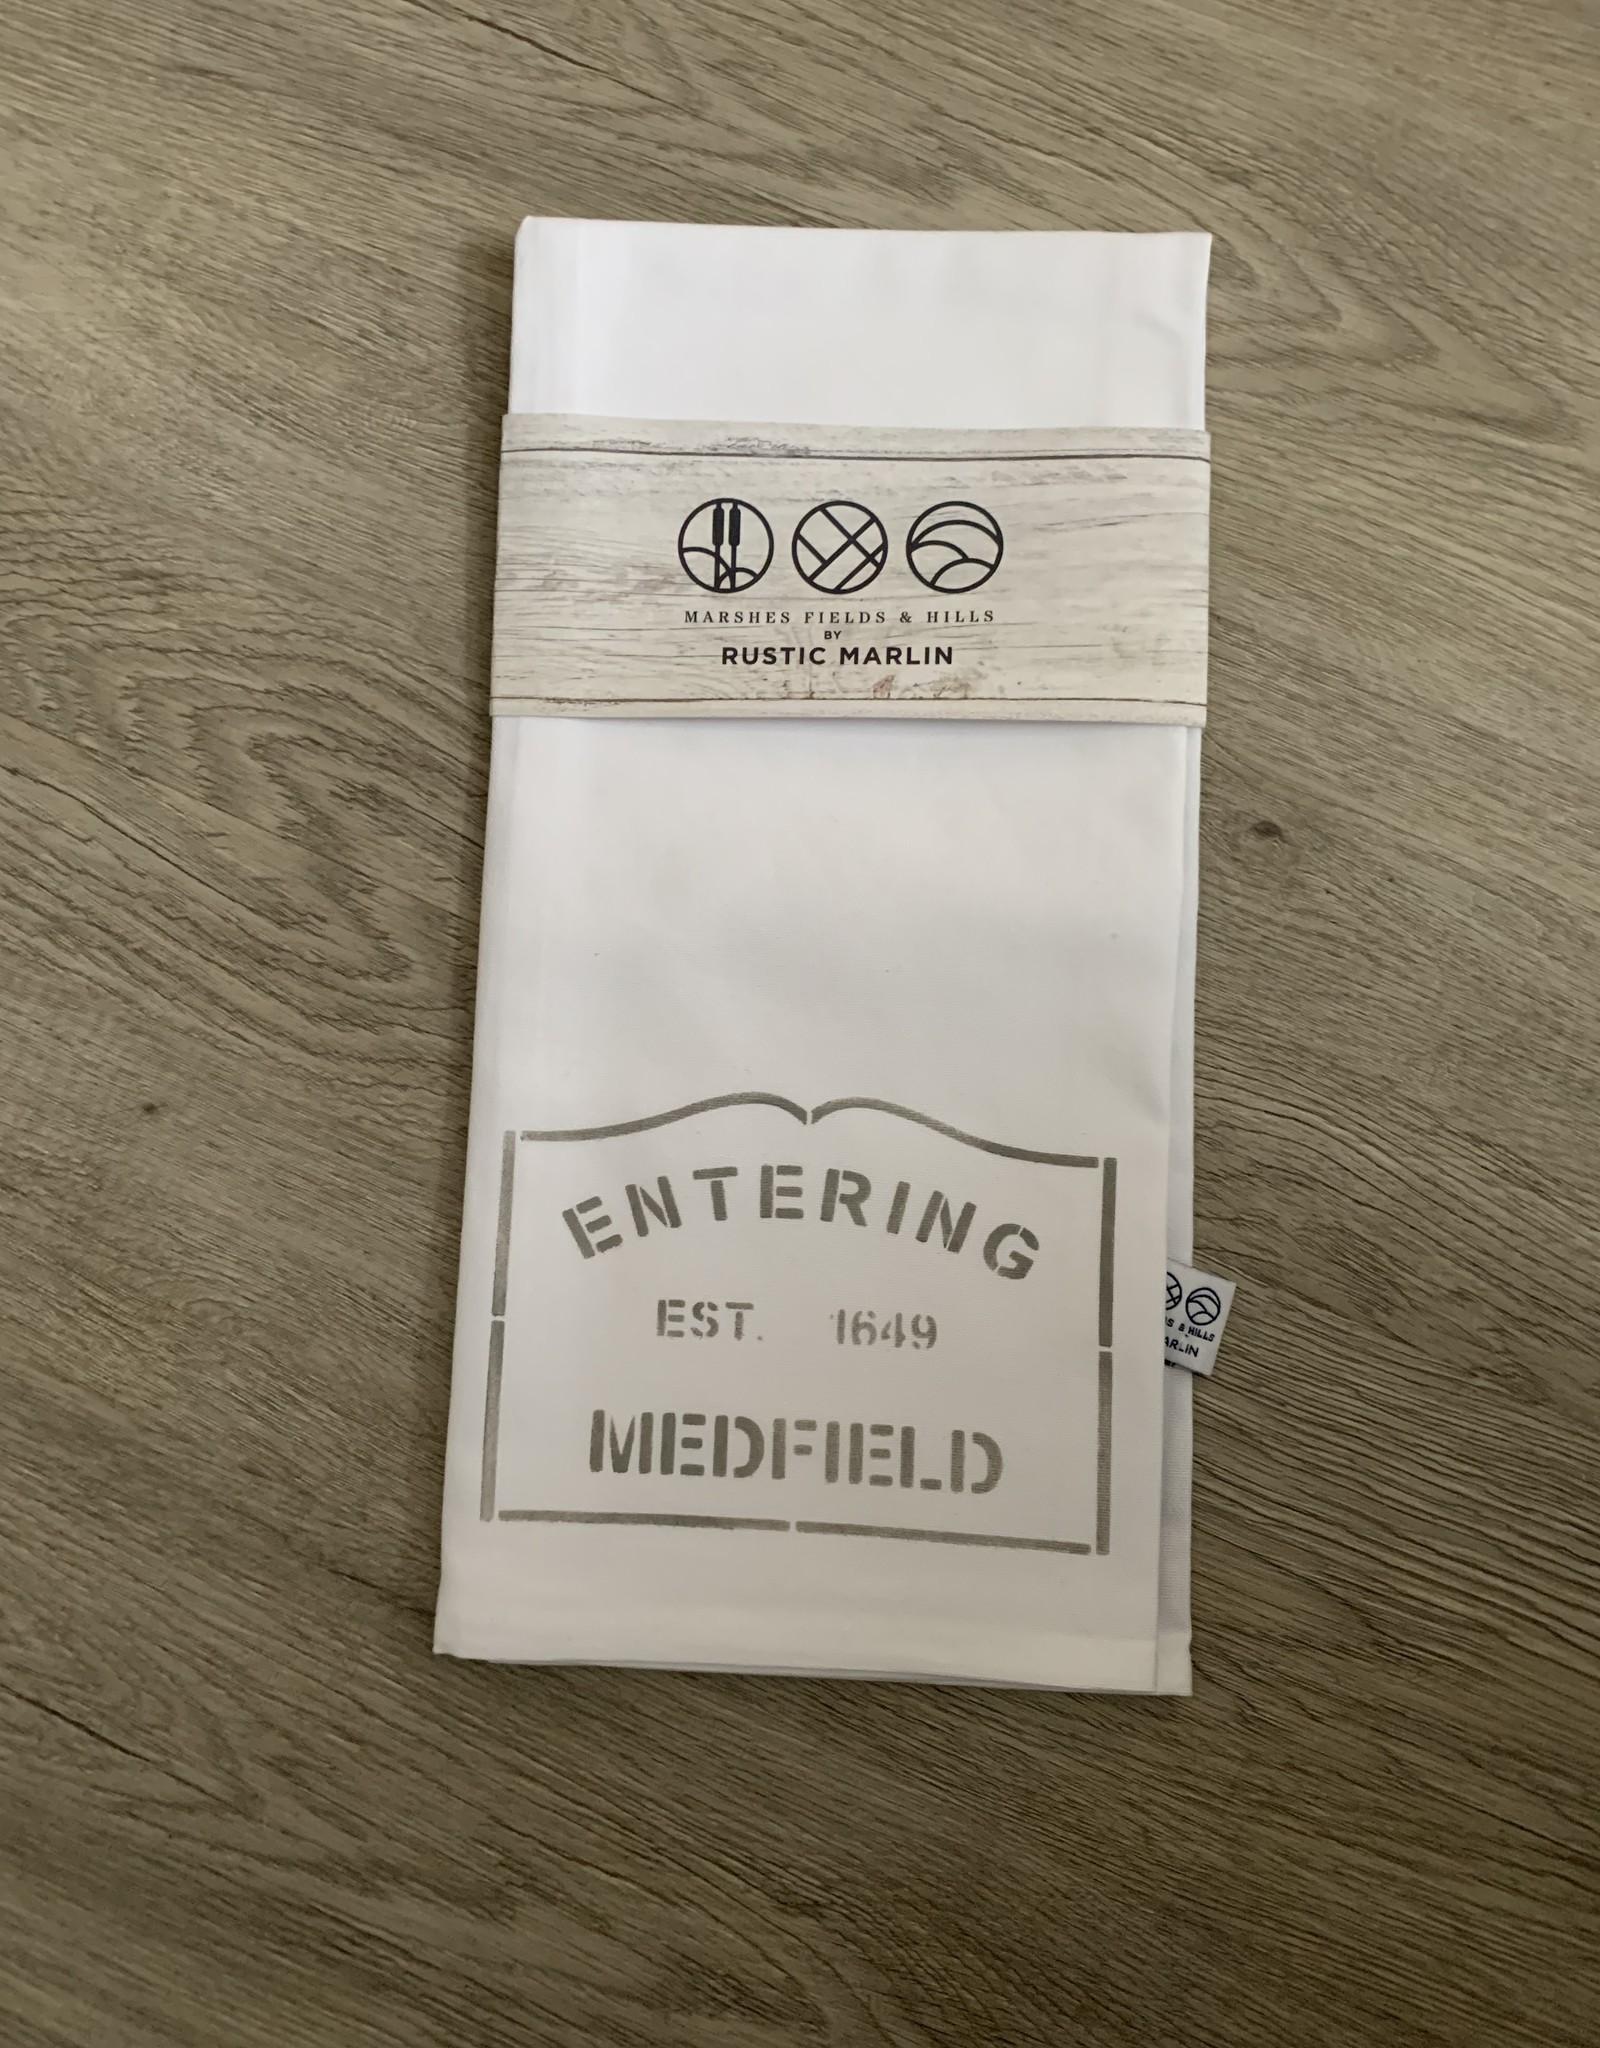 Rustic Marlin - Entering Medfield Tea Towel